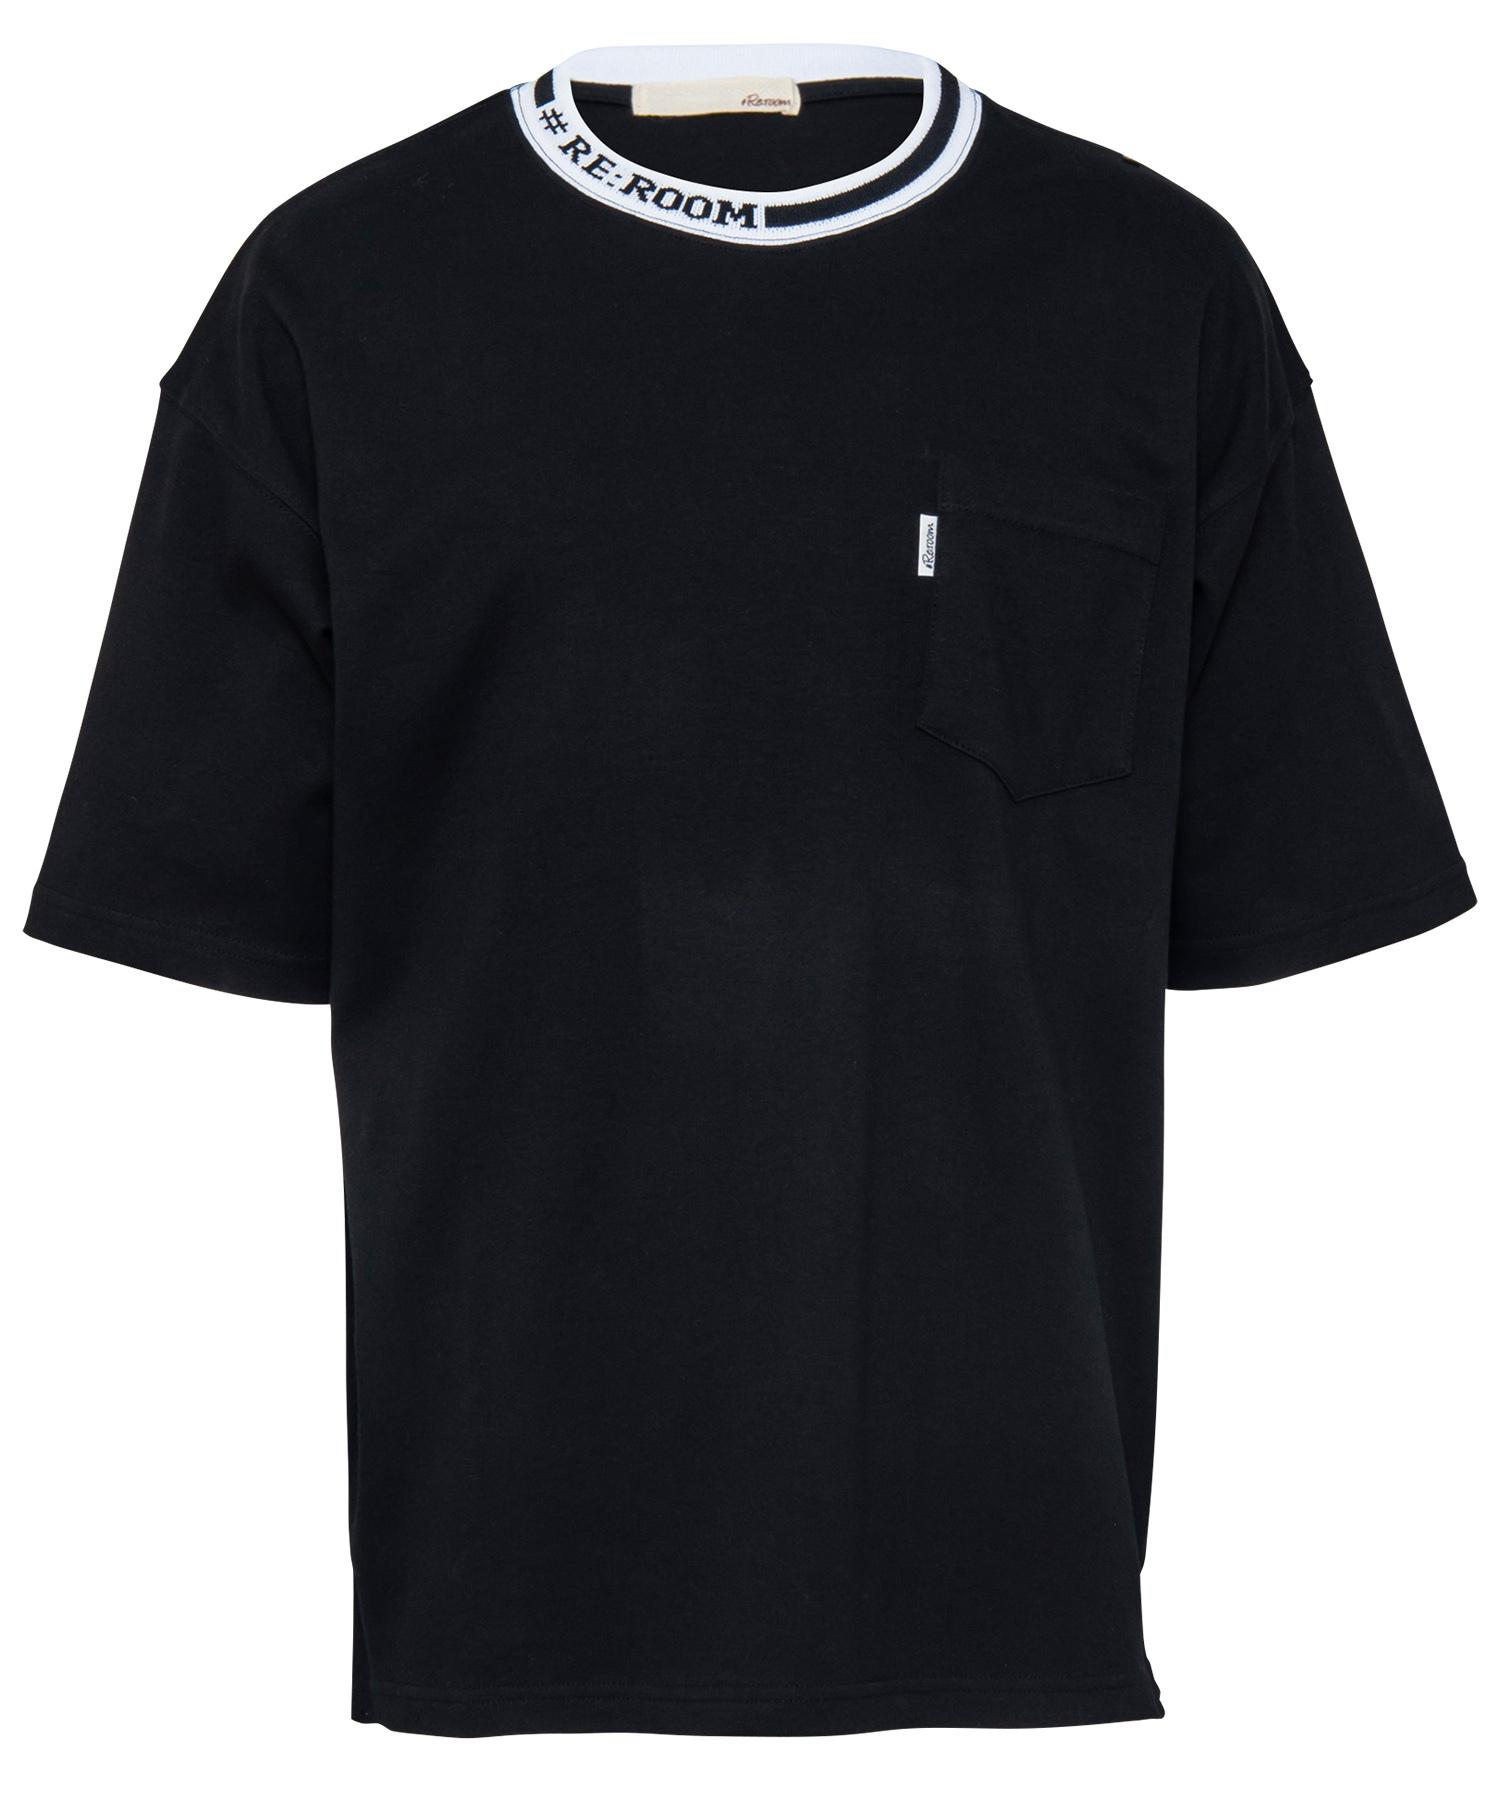 NECK LOGO BIG T-shirt[REC277]